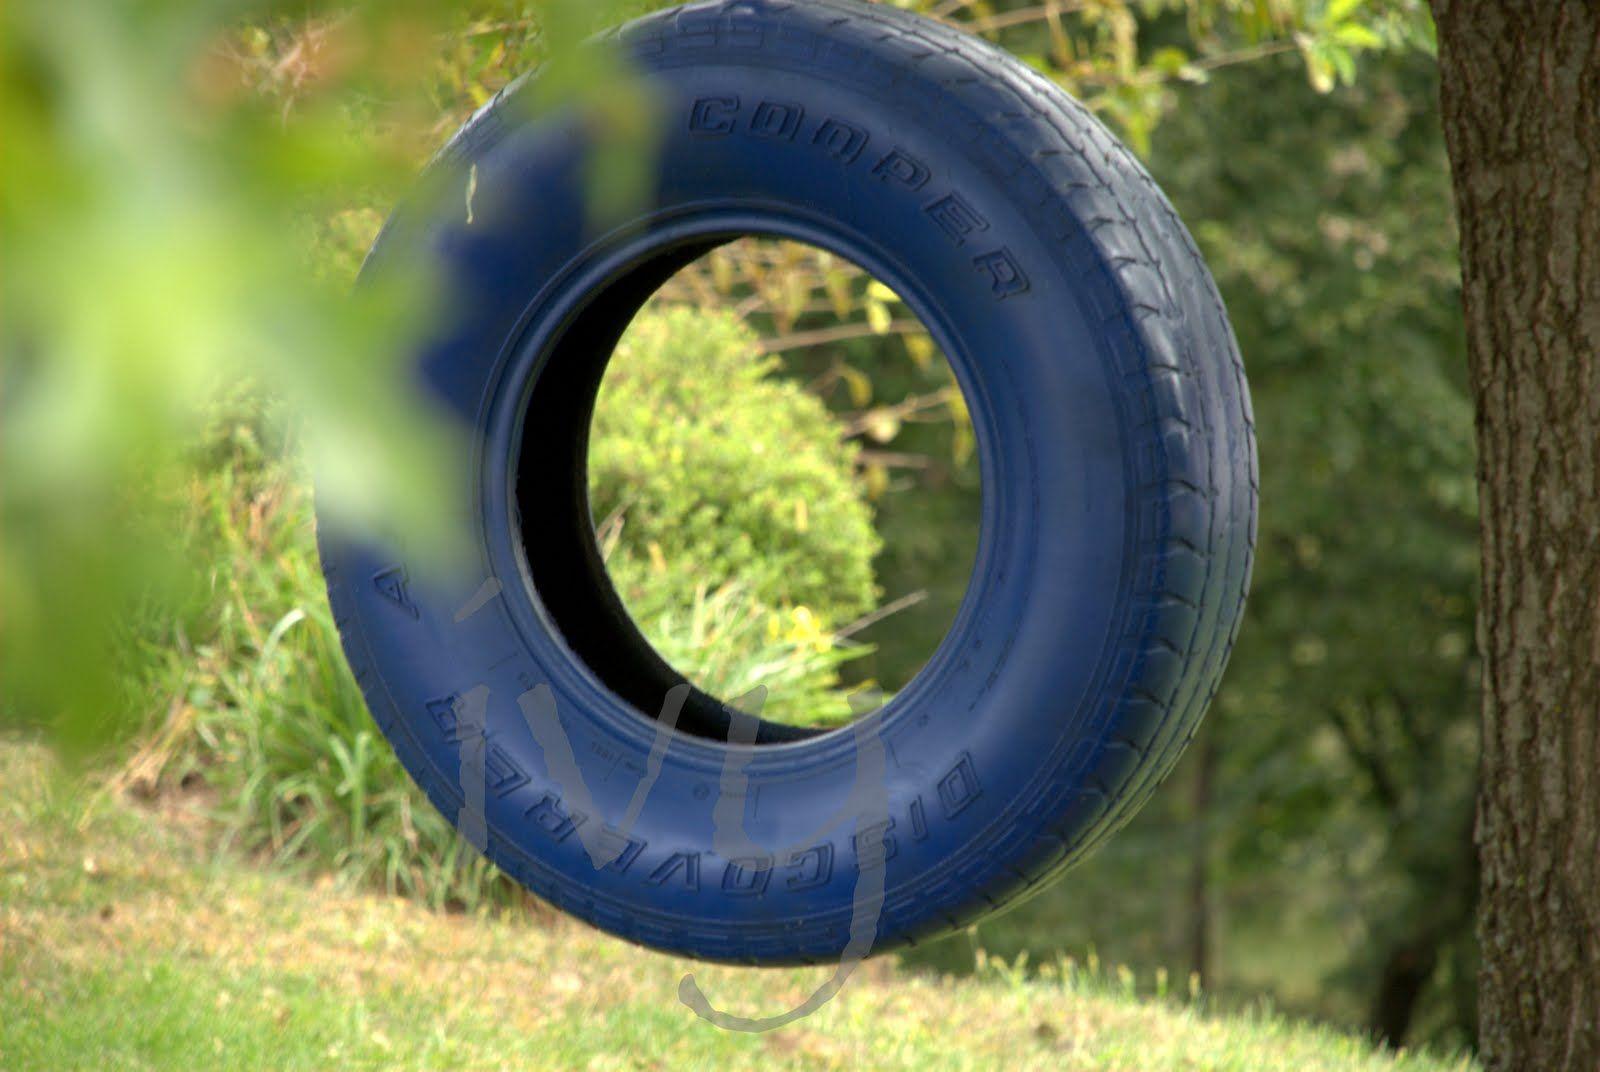 Tire swing Tire swing, Lets do it, Outdoor